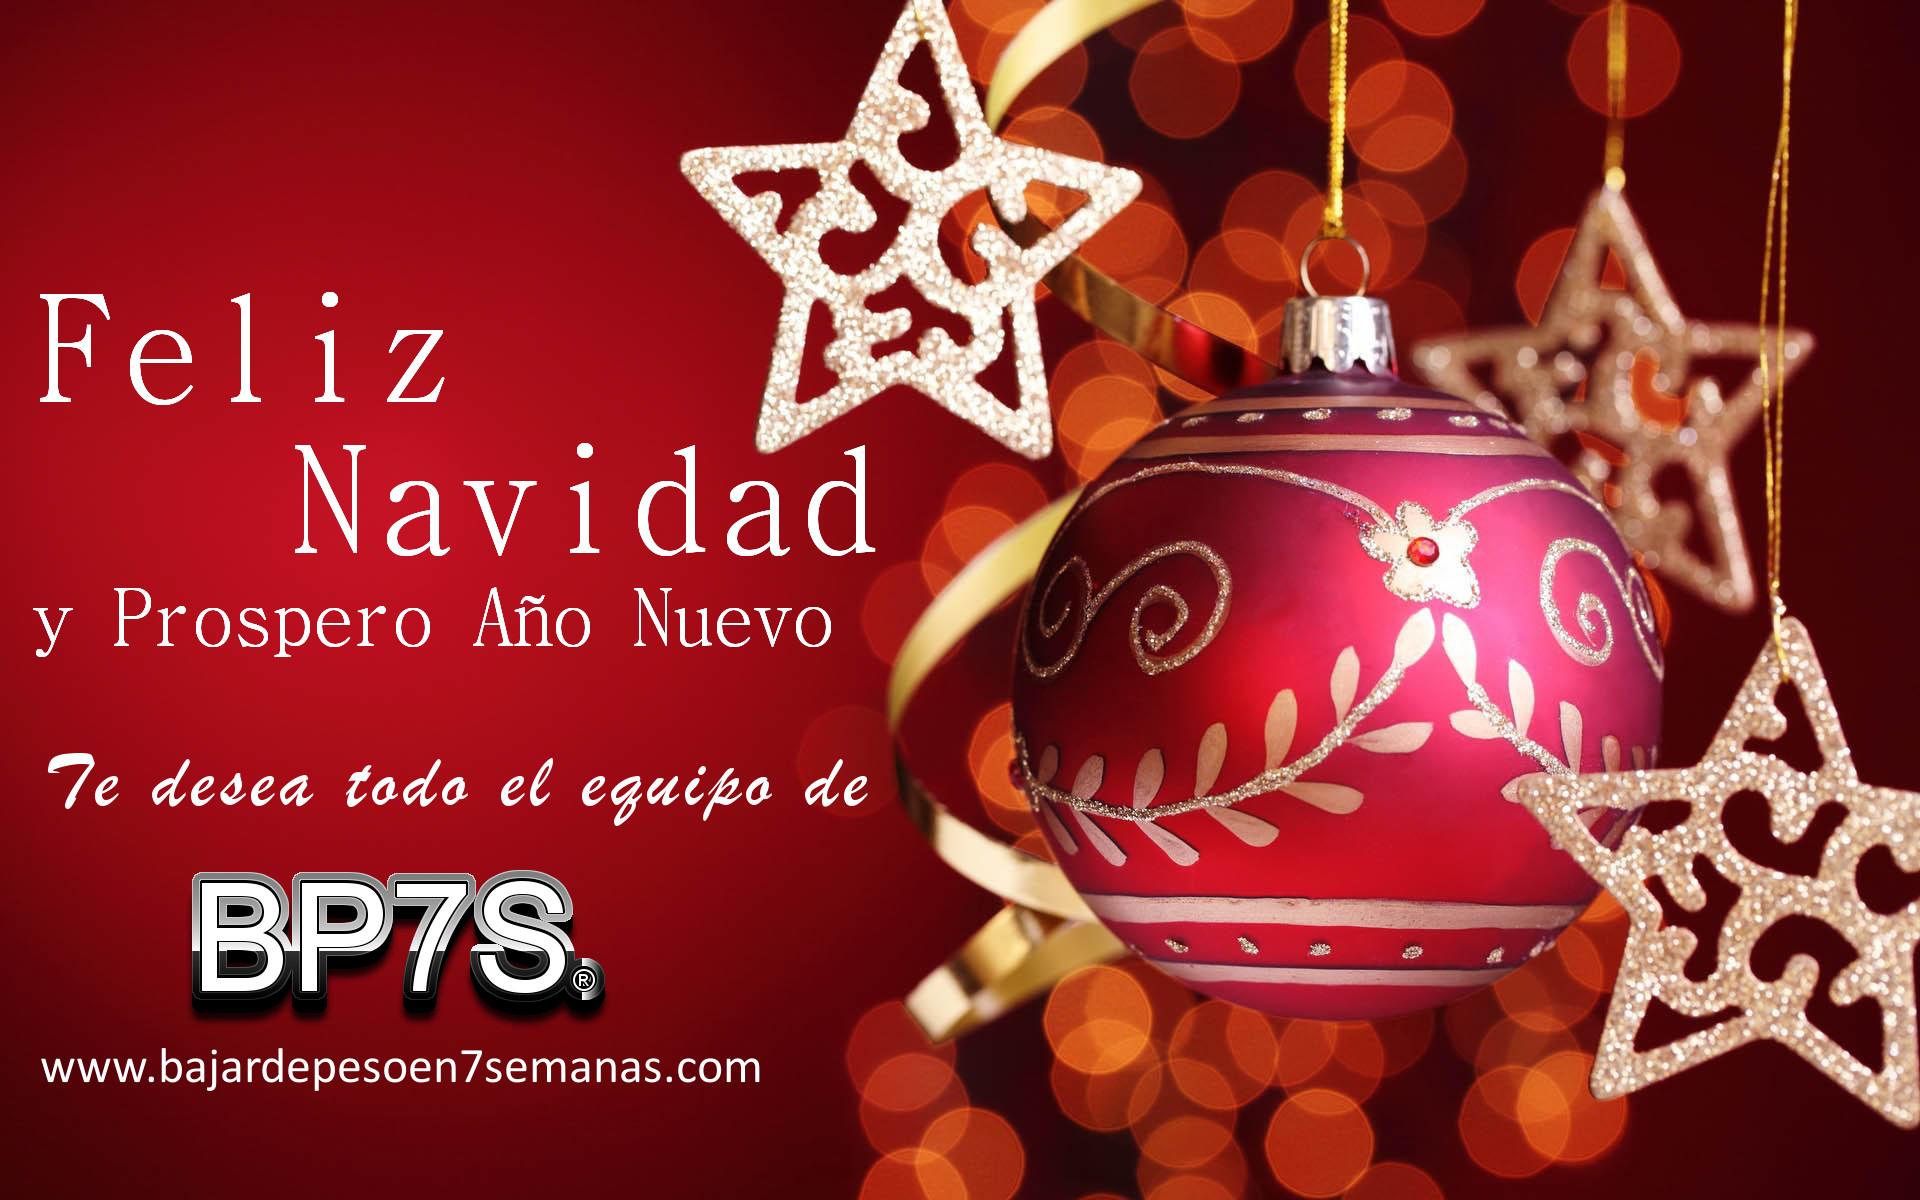 Frases De Boas Festas Para Clientes: Feliz Navidad Y Prospero Año Nuevo